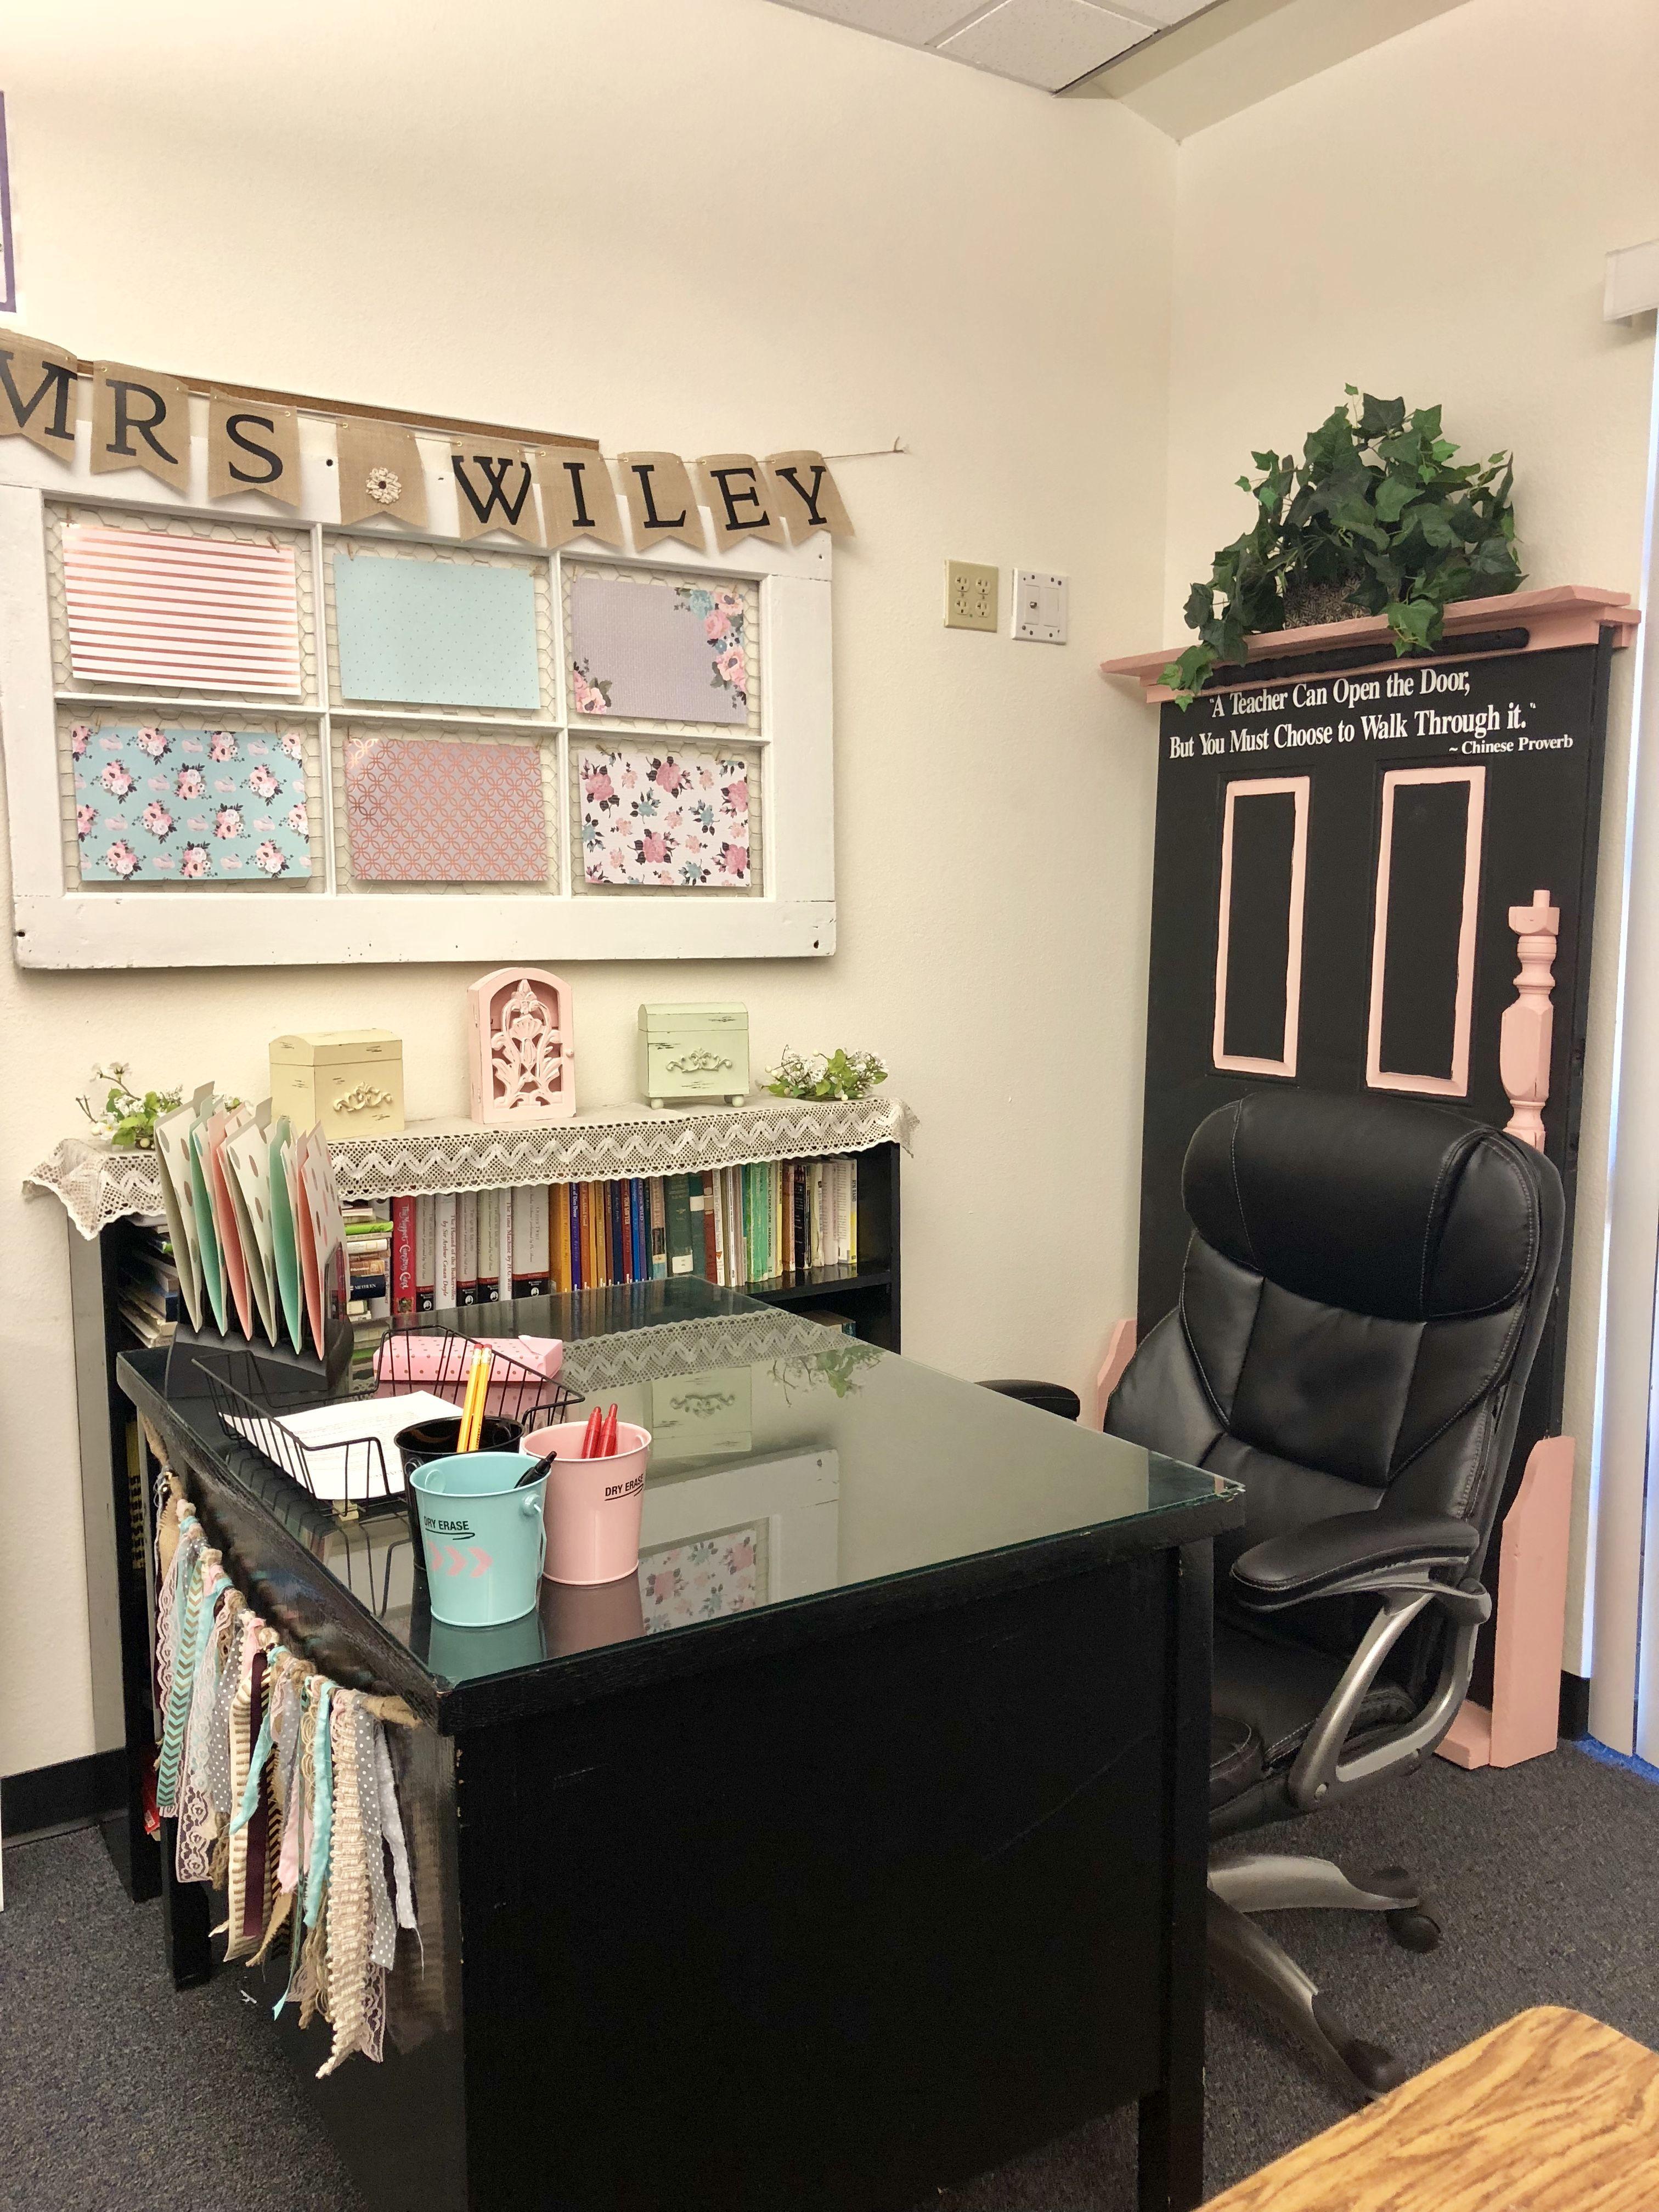 My Co Teachers Desk Area In My Classroom Farmhouse Classroom Decor Classroom Desk Classroom Decor Teacher Desk Areas